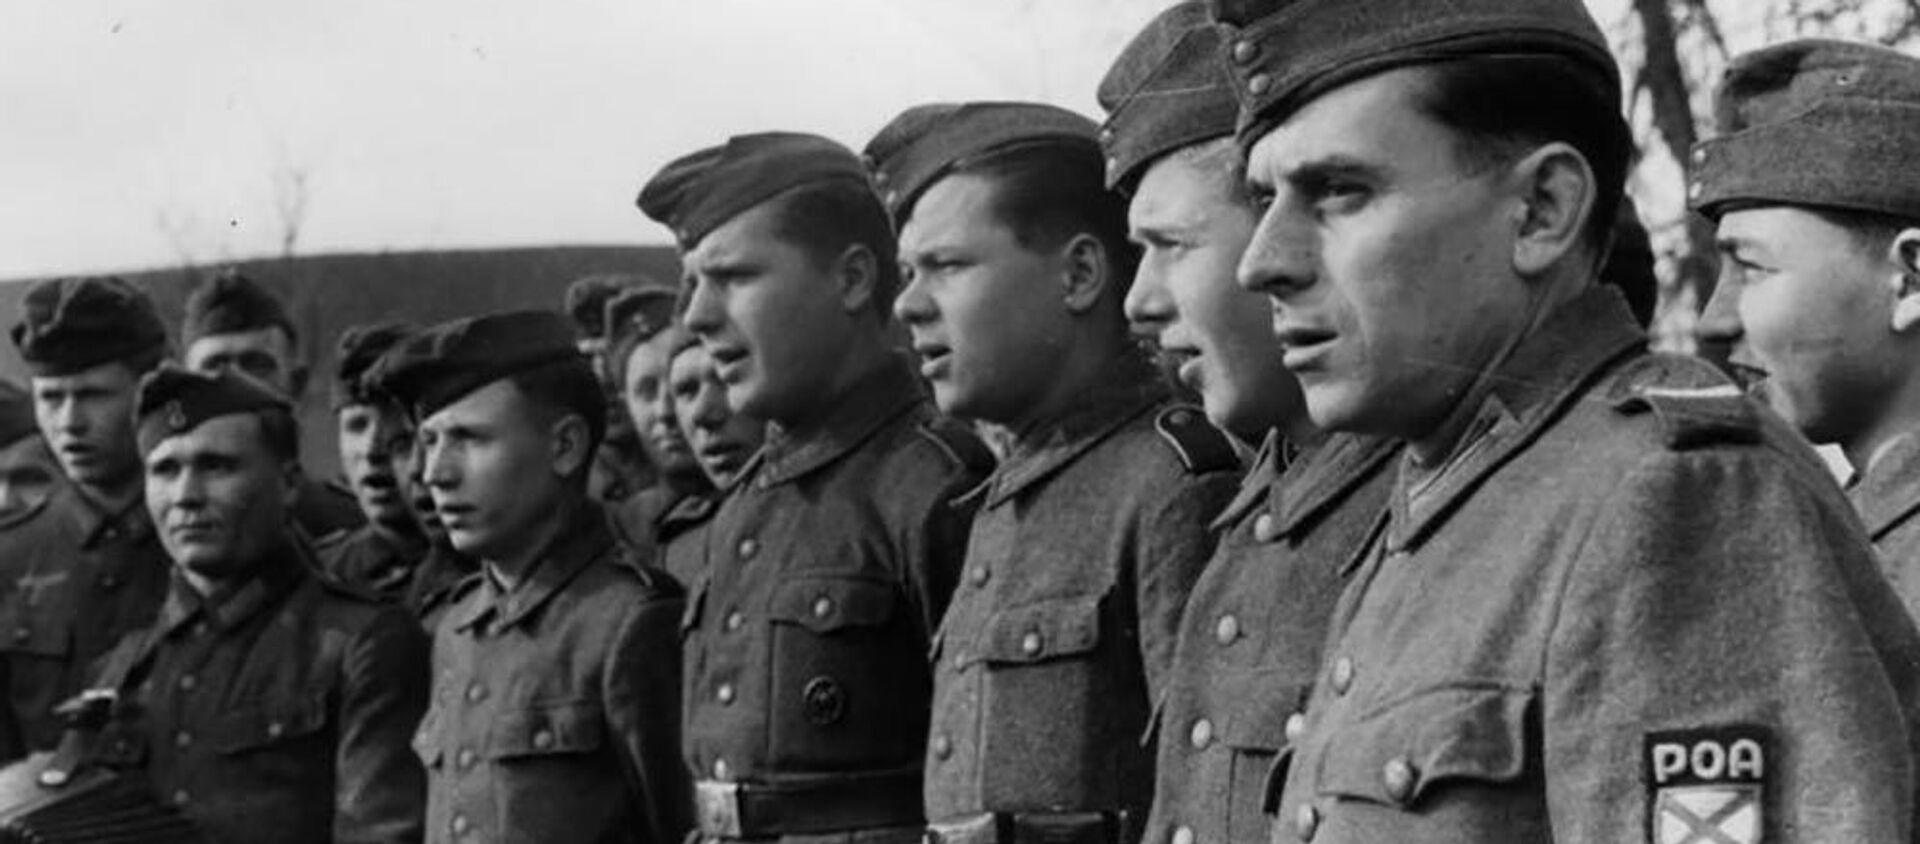 Vojáci Ruské osvobozenecké armády ROA  - Sputnik Česká republika, 1920, 19.05.2020